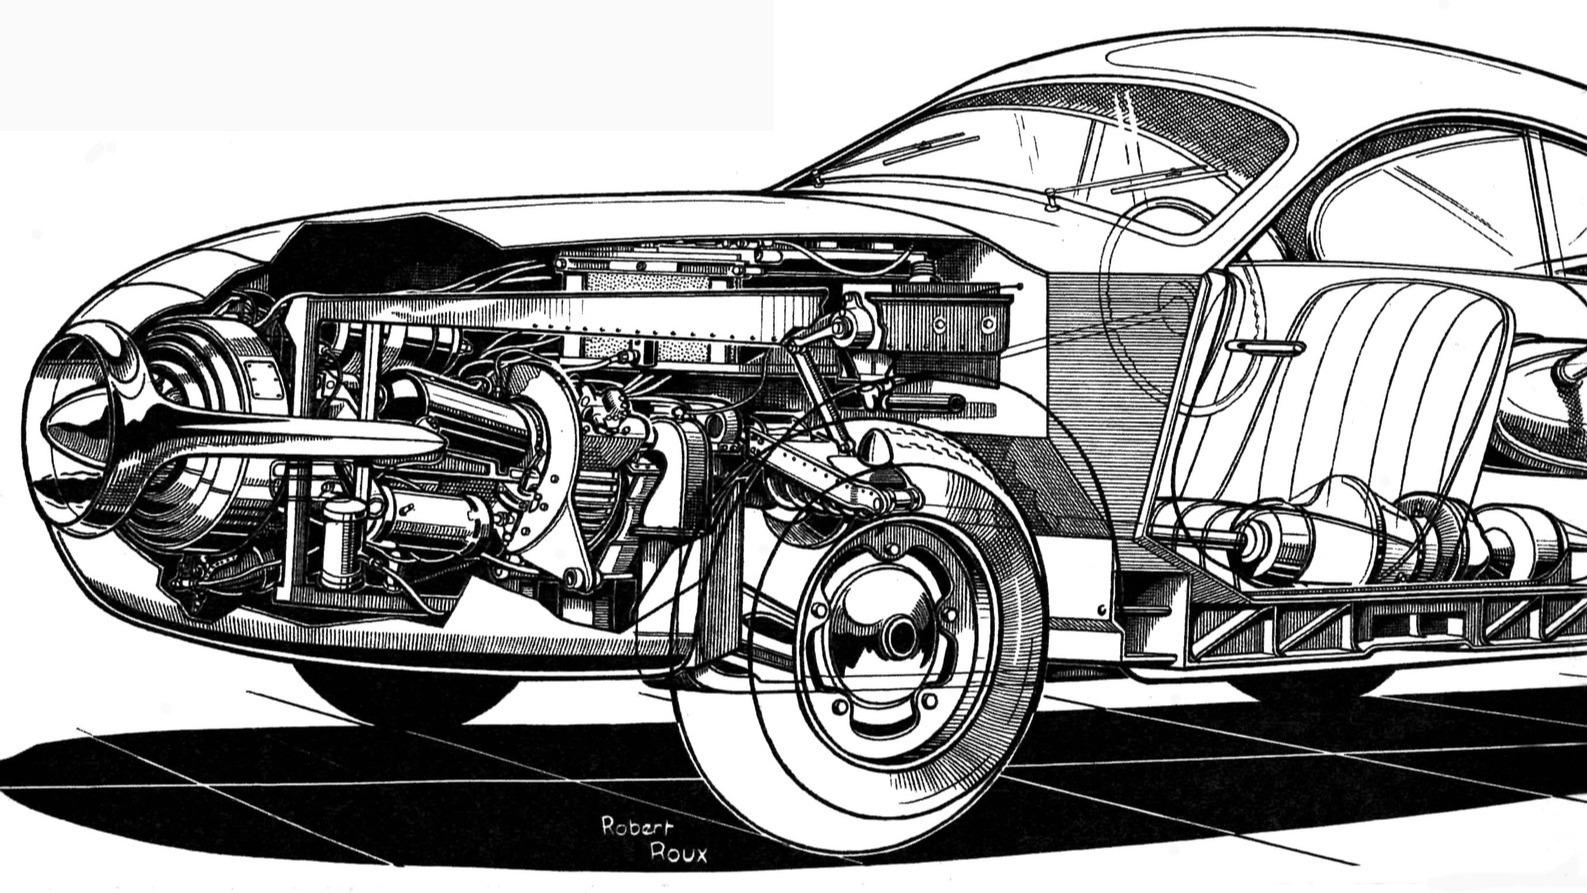 SOCEMA-Gregoire fra 1952 imponerte publikum under det årets Paris Motor Show, men prototypen med en 100-hesters gassturbin-motor var mest et PR-stunt.